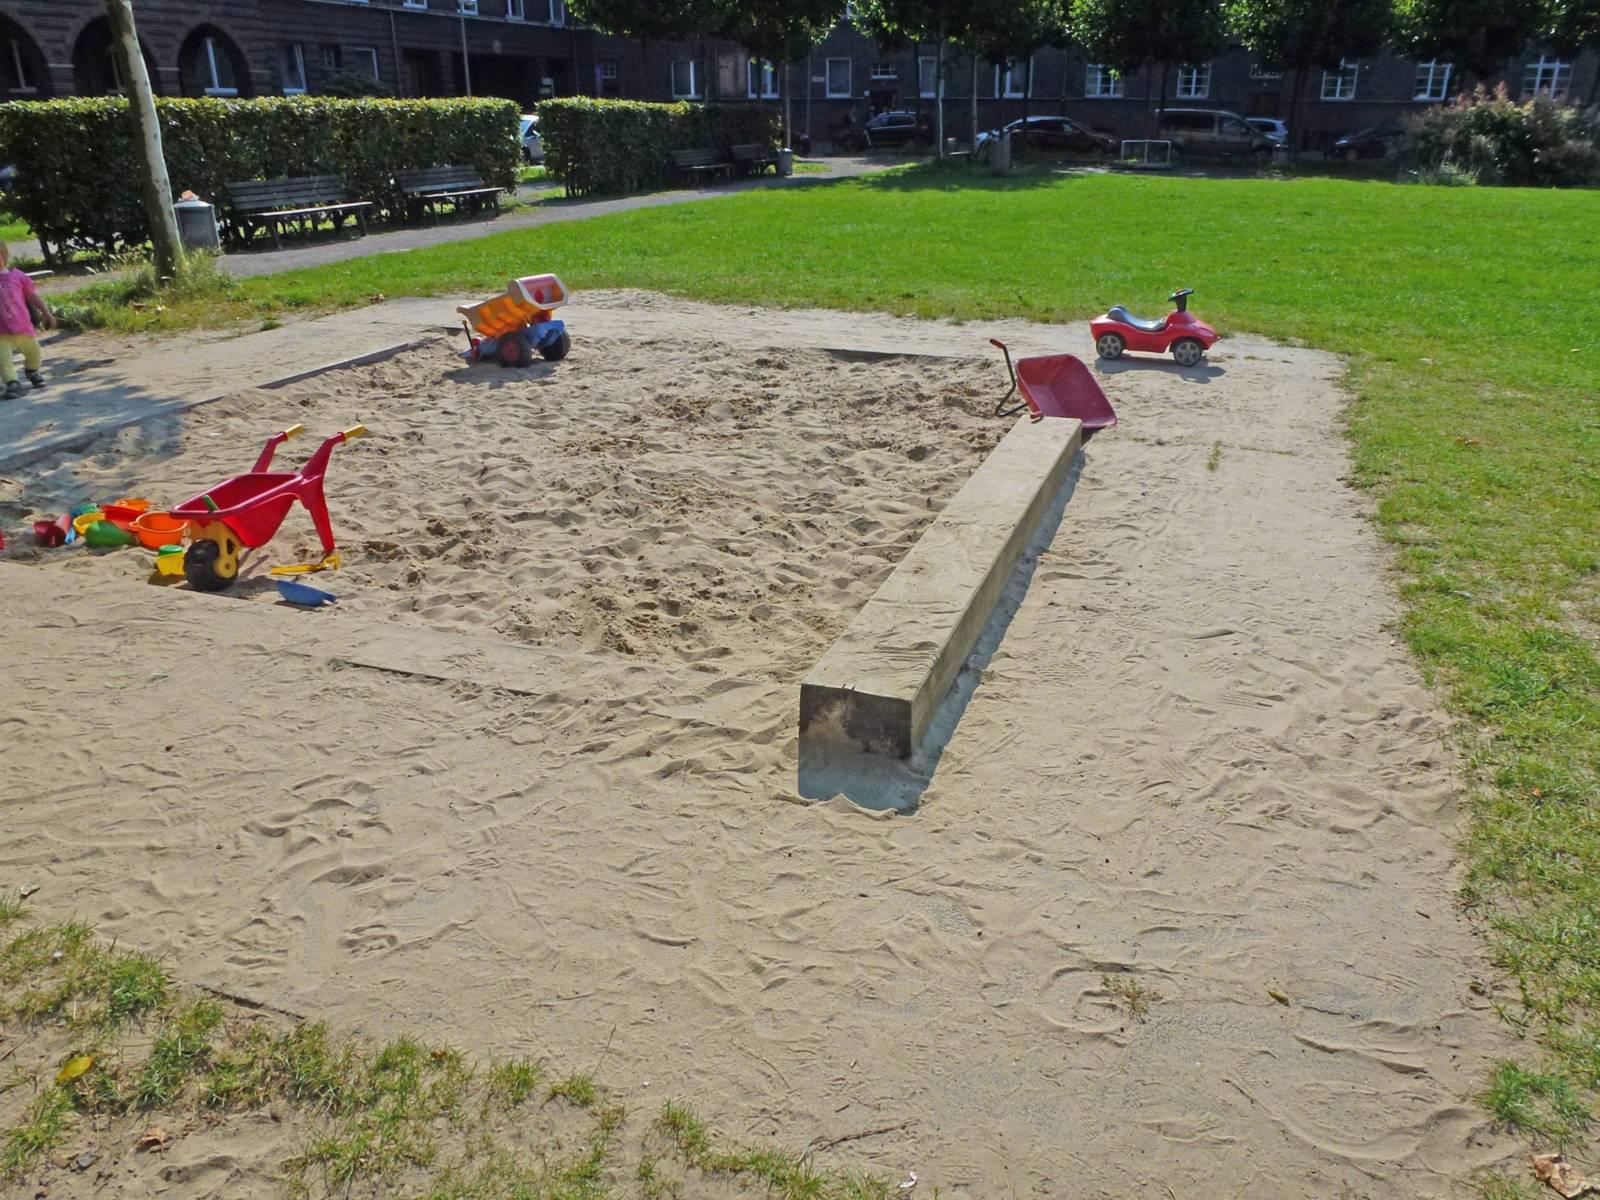 Spielplatz mit Sandkiste und Rasenfläche.